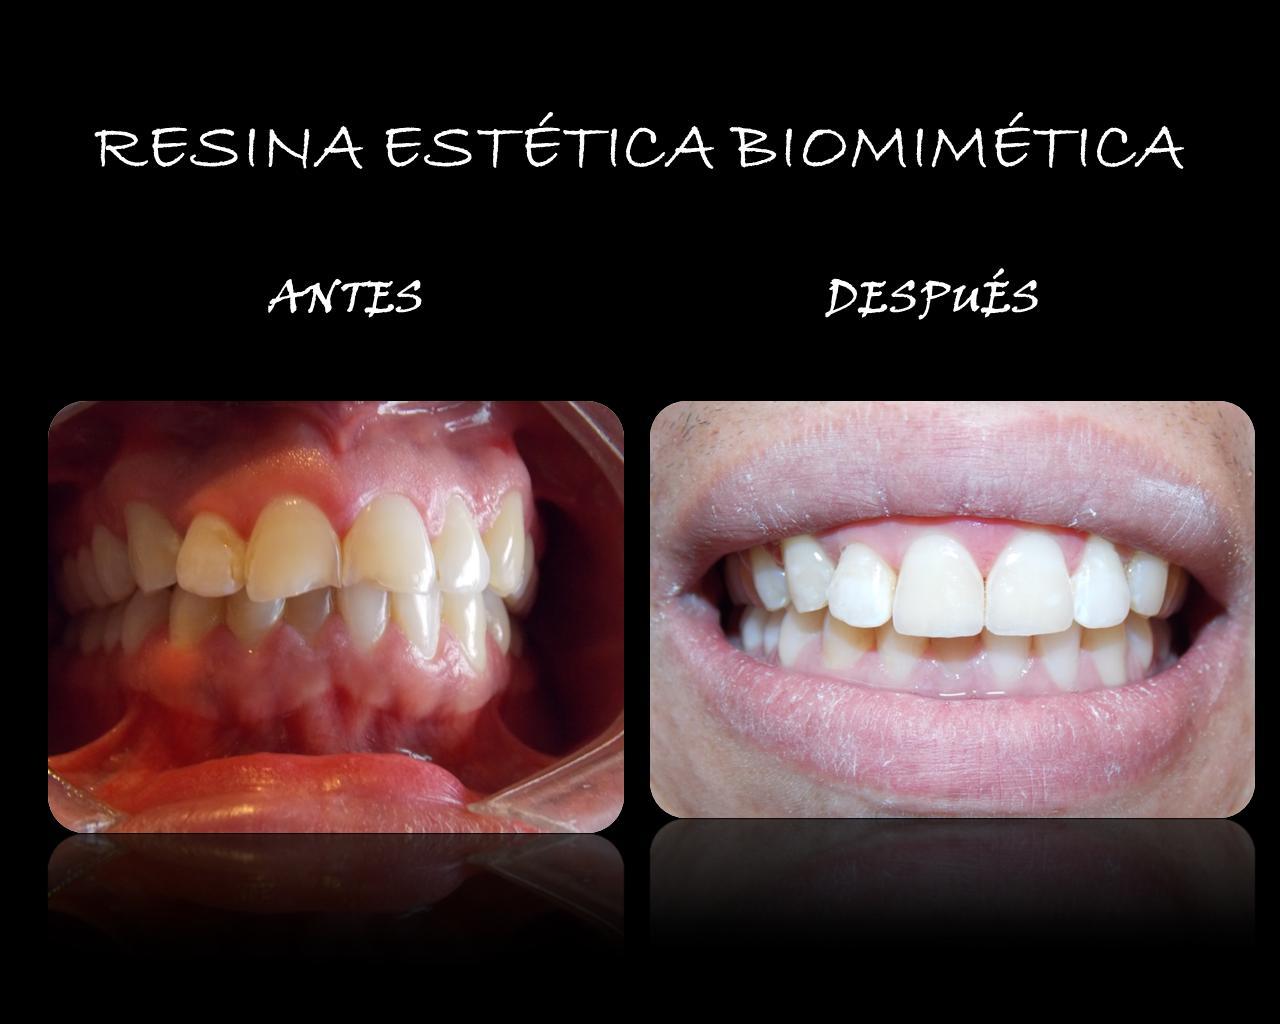 Resina+estética+biomimética.jpg